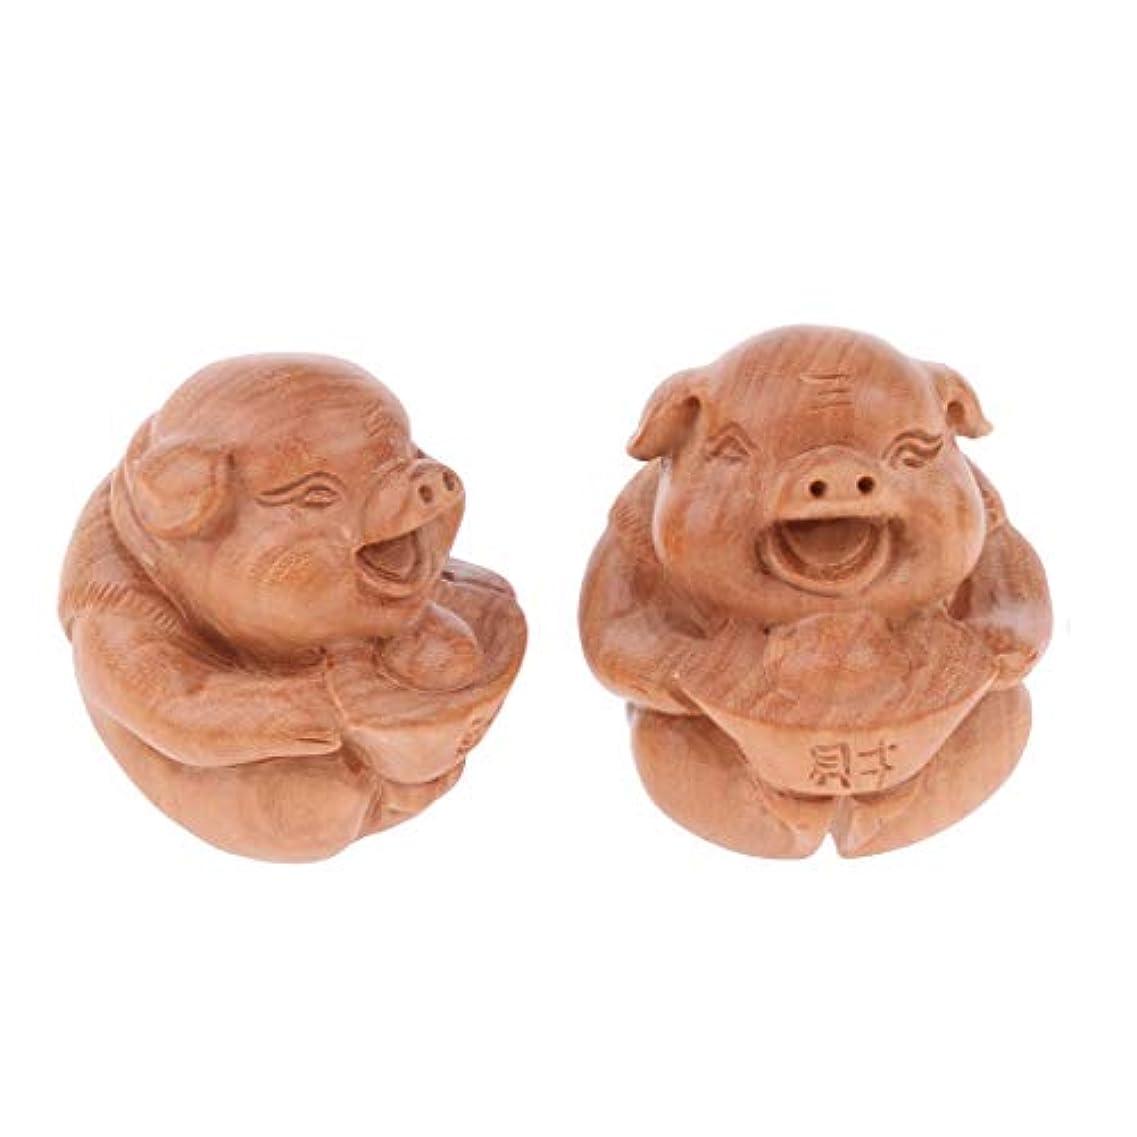 病院ラップガウンPerfeclan マッサージボール 指エクササイズ 1ペア 木製 可愛い 豚